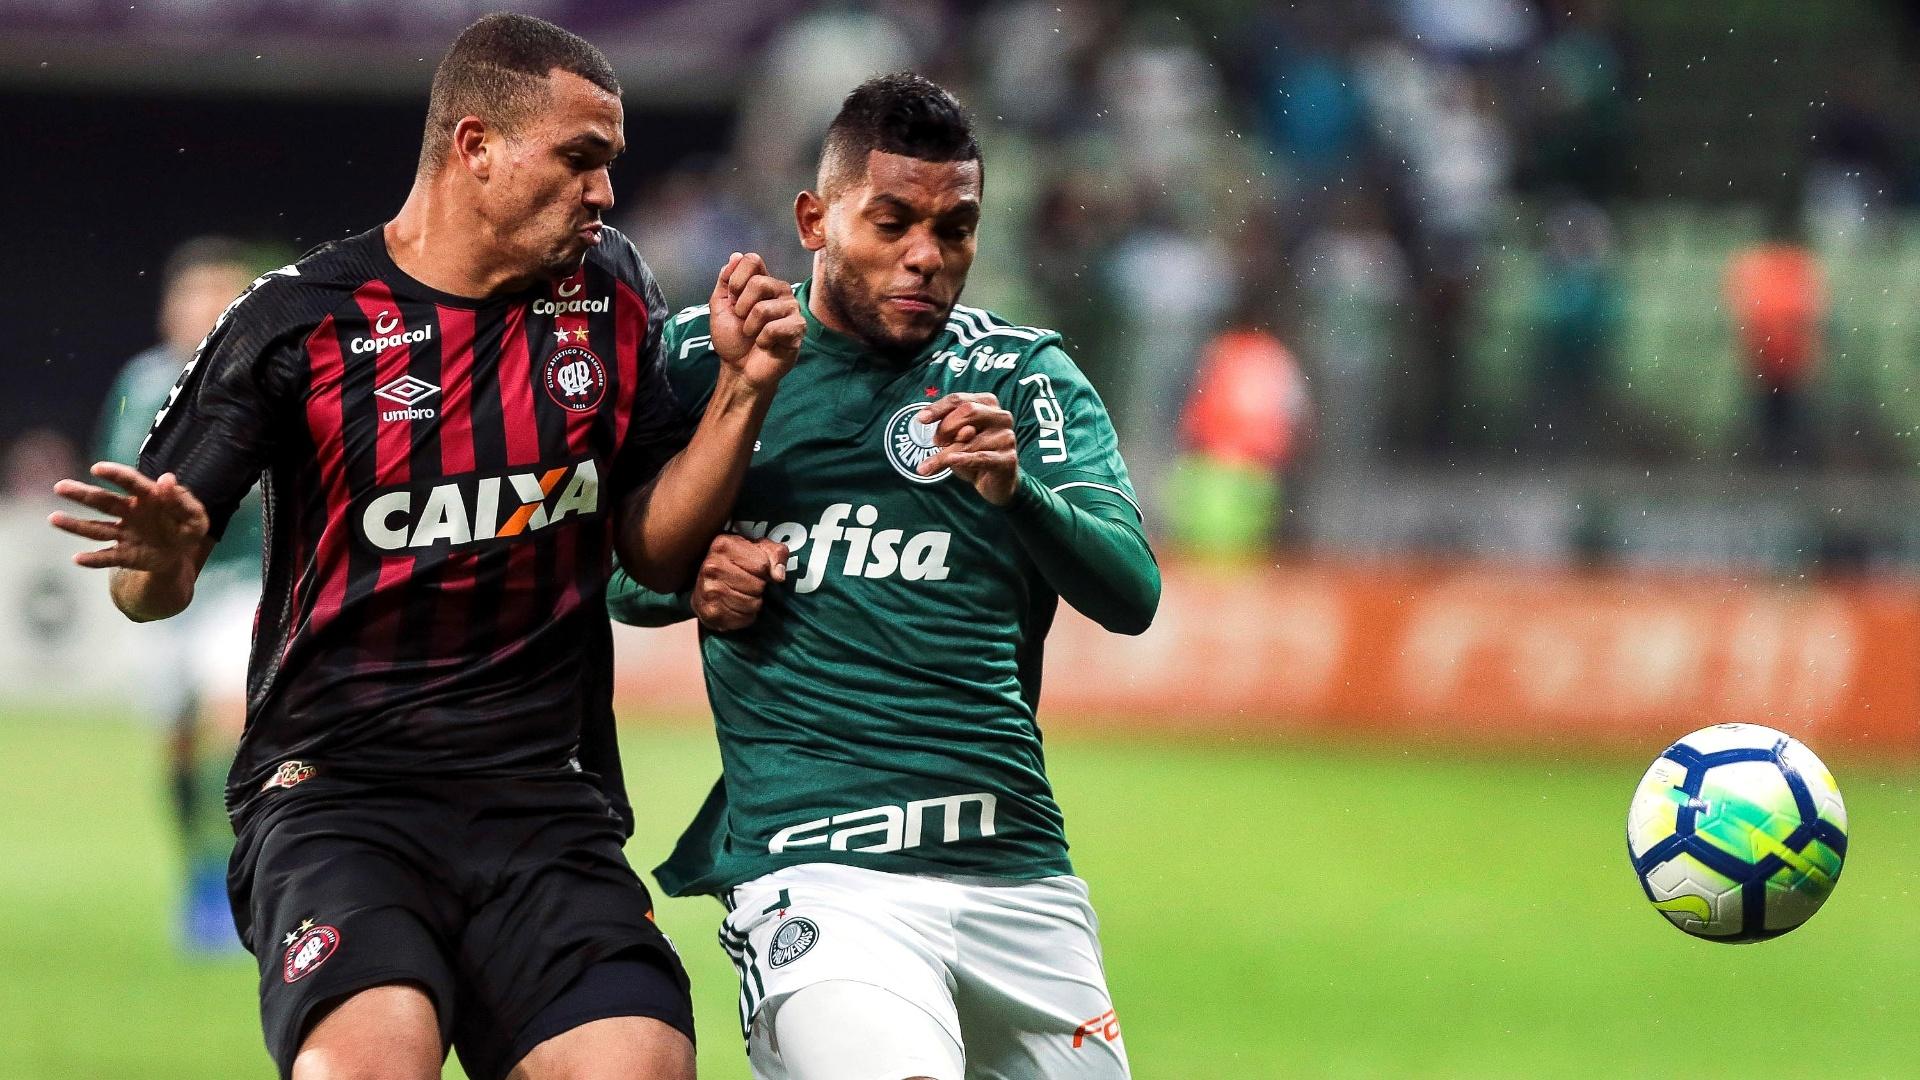 Miguel Borja disputa bola com Zé Ivaldo durante partida entre Palmeiras e Atlético-PR